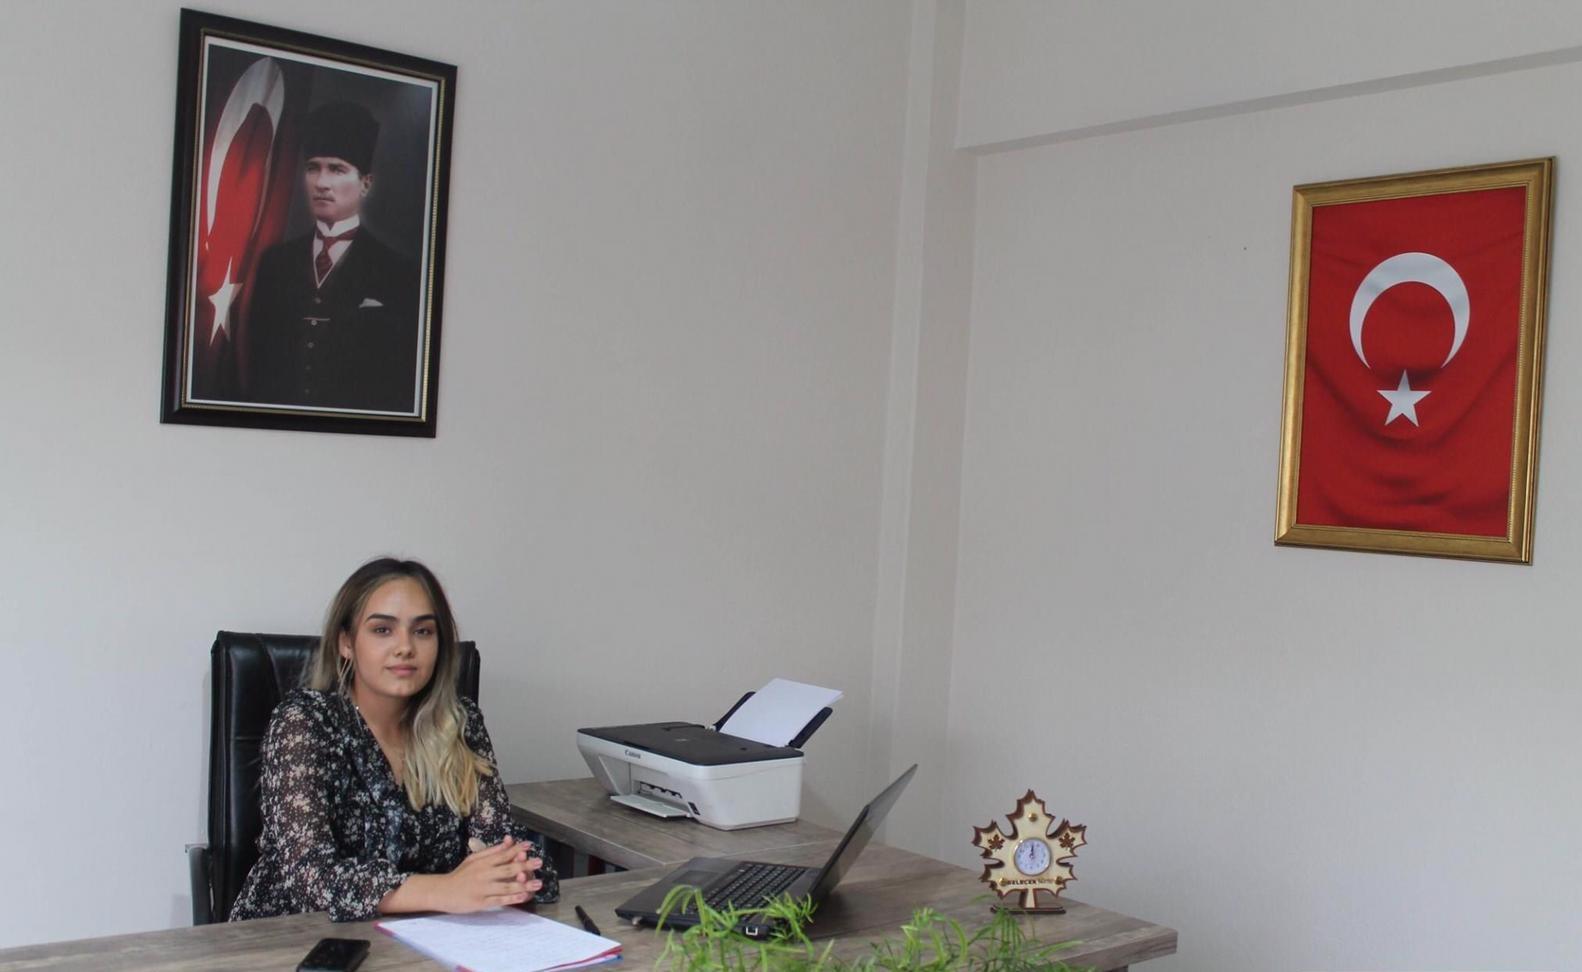 Gençlik ve Spor Konfederasyonu Genel Merkezi 'nden Balıkesir İline Atama